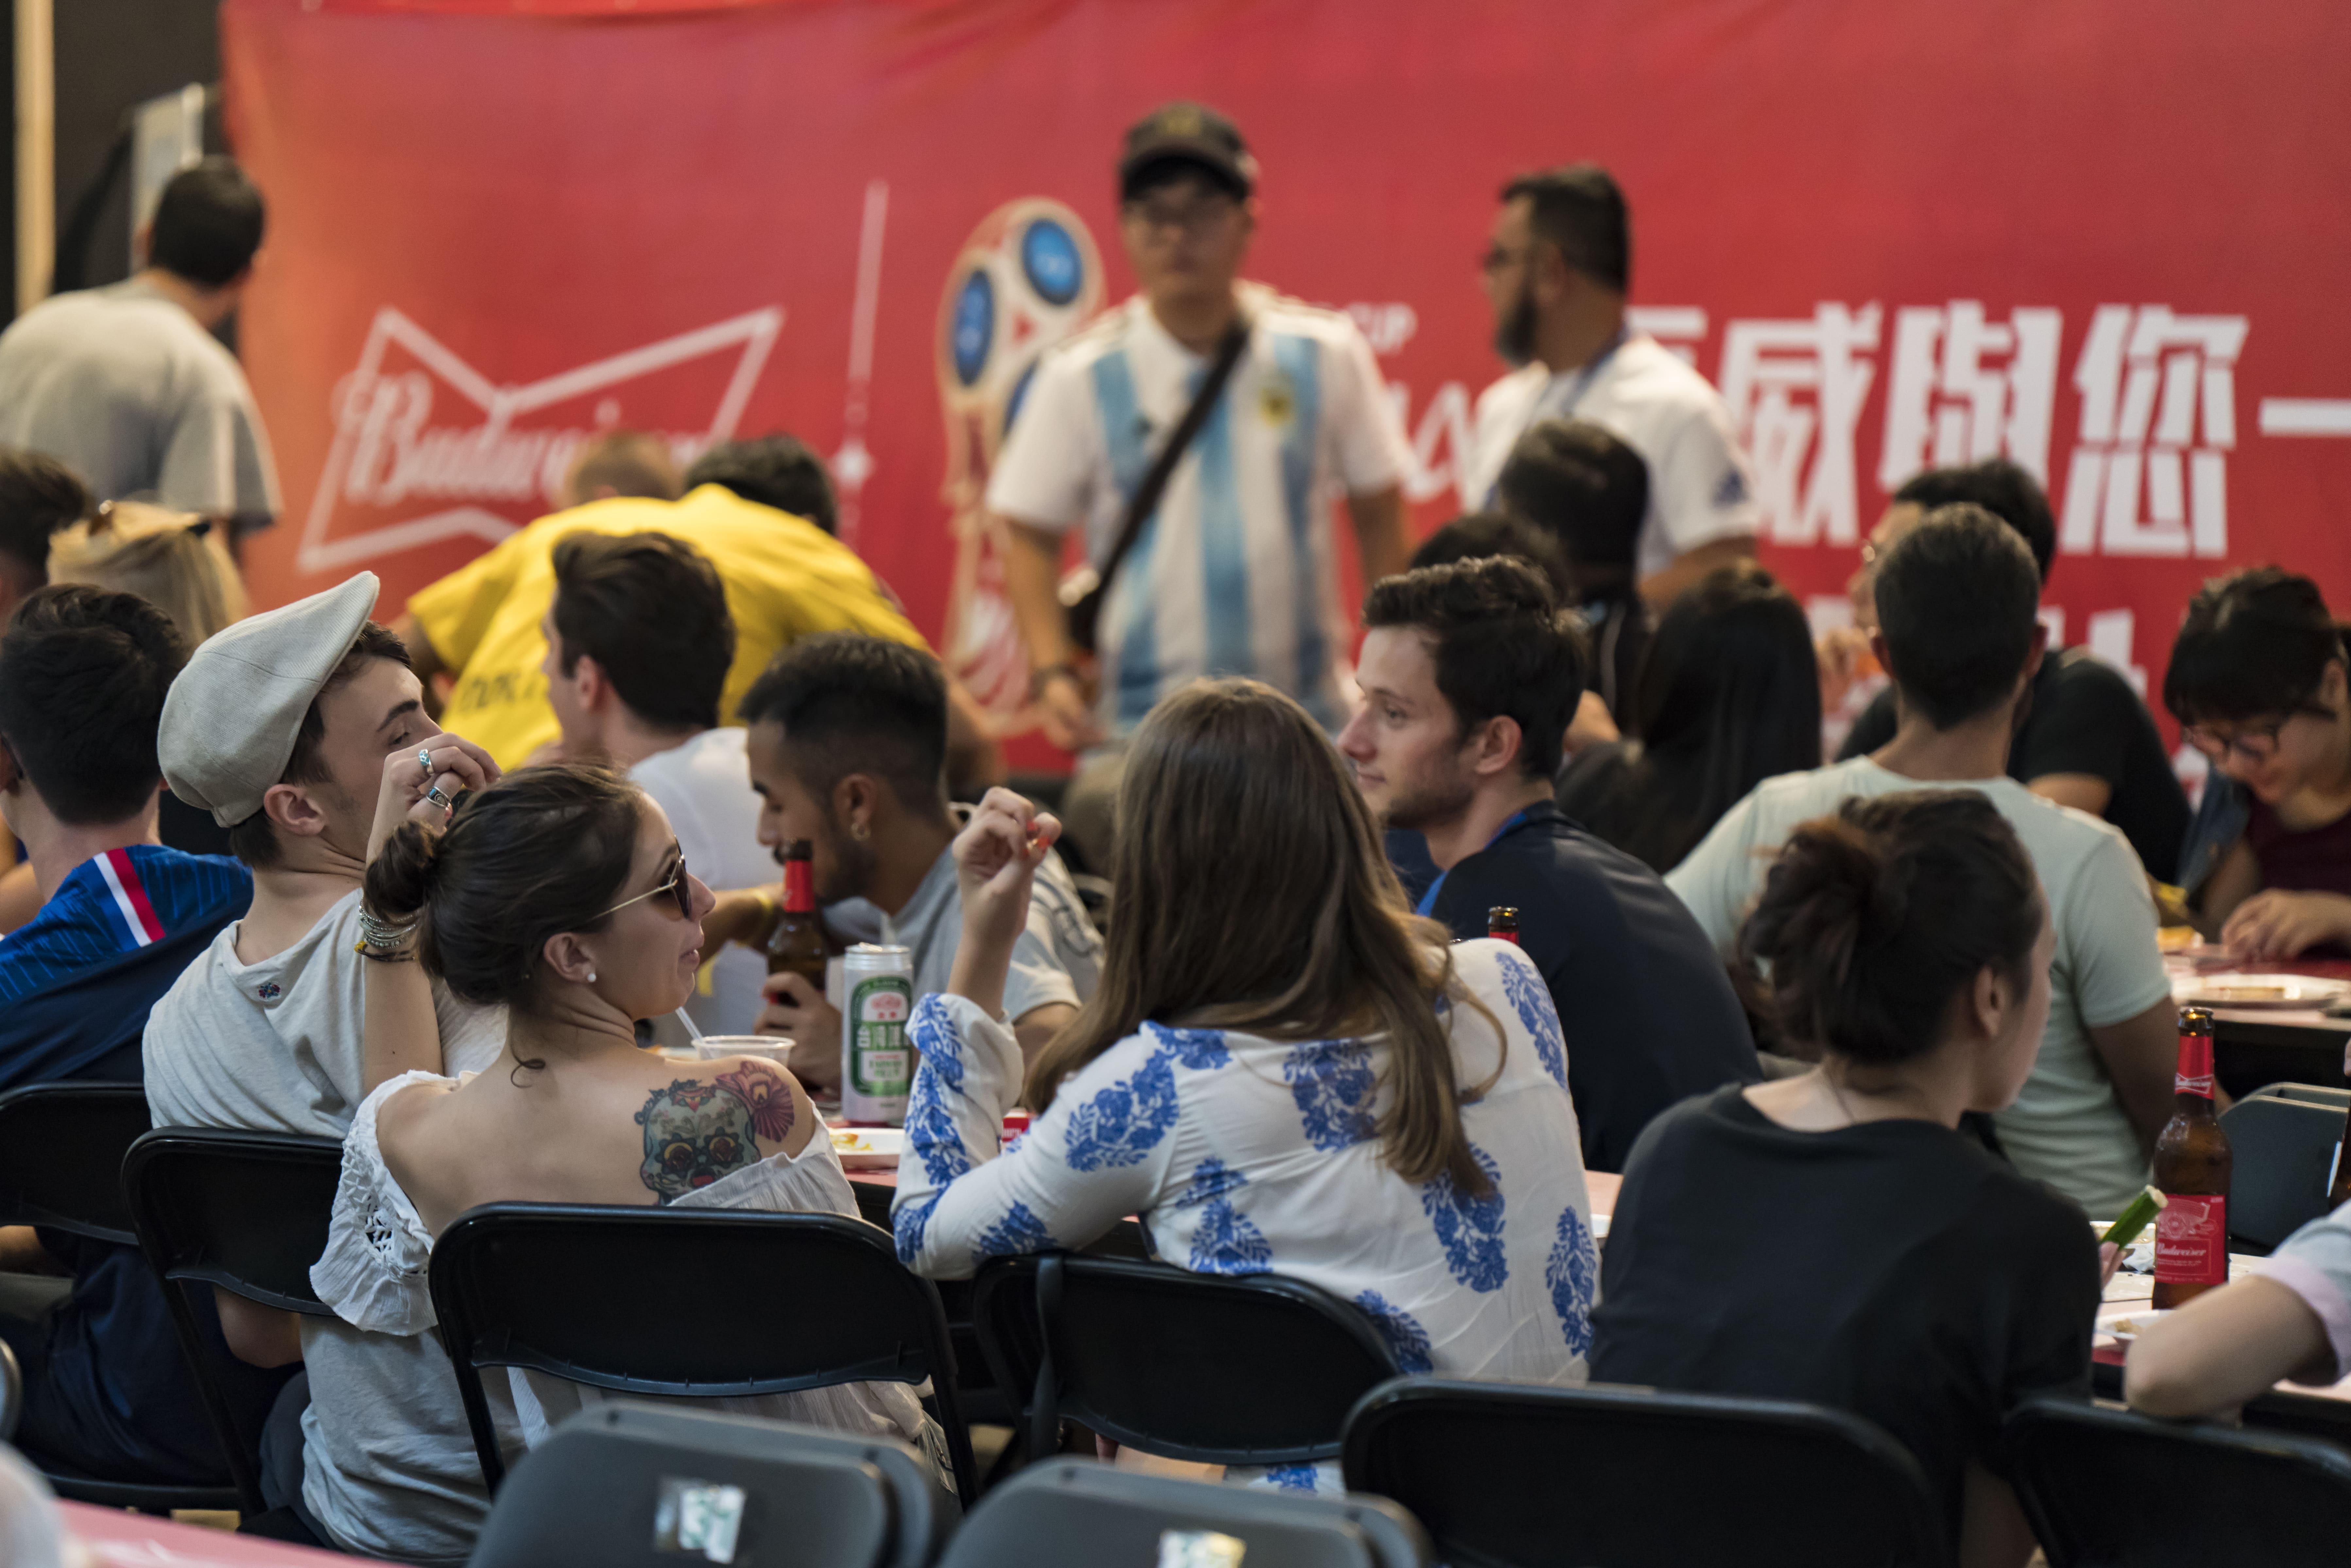 【世足去哪看】找三五MAJI,吃一二好店,集食行樂看足球就是這麼輕鬆!